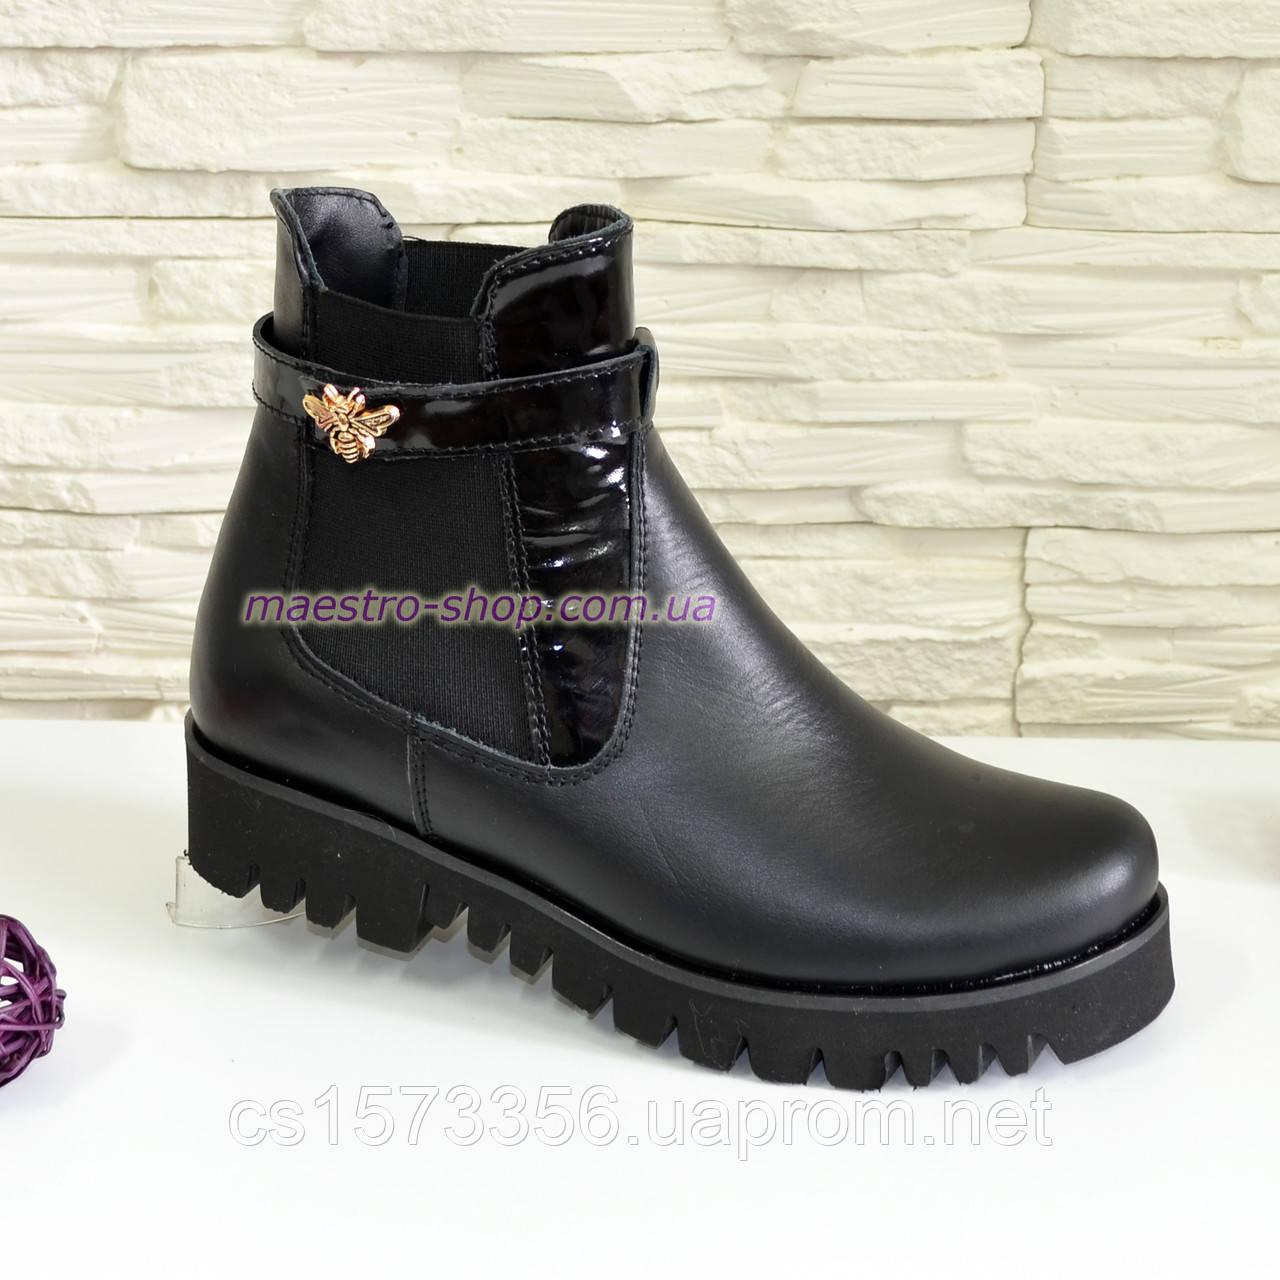 Ботинки кожаные женские демисезонные на тракторной подошве, цвет черный.